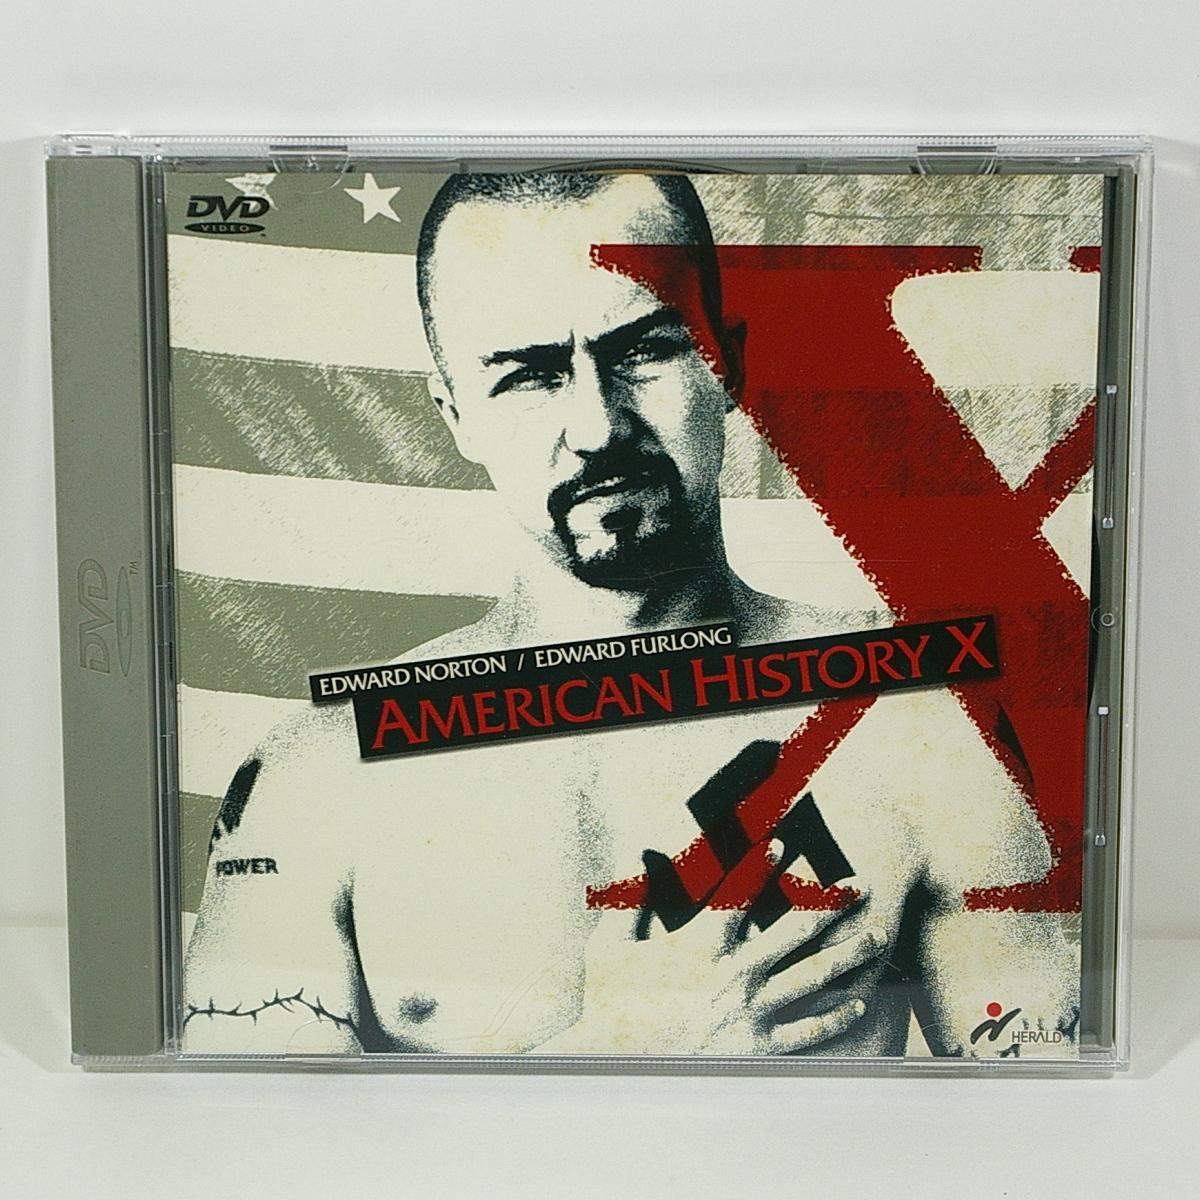 アメリカン・ヒストリー X(原題:American History X)[エドワード・ノートン/エドワード・ファーロング]<1998年/アメリカ>管理C_画像1